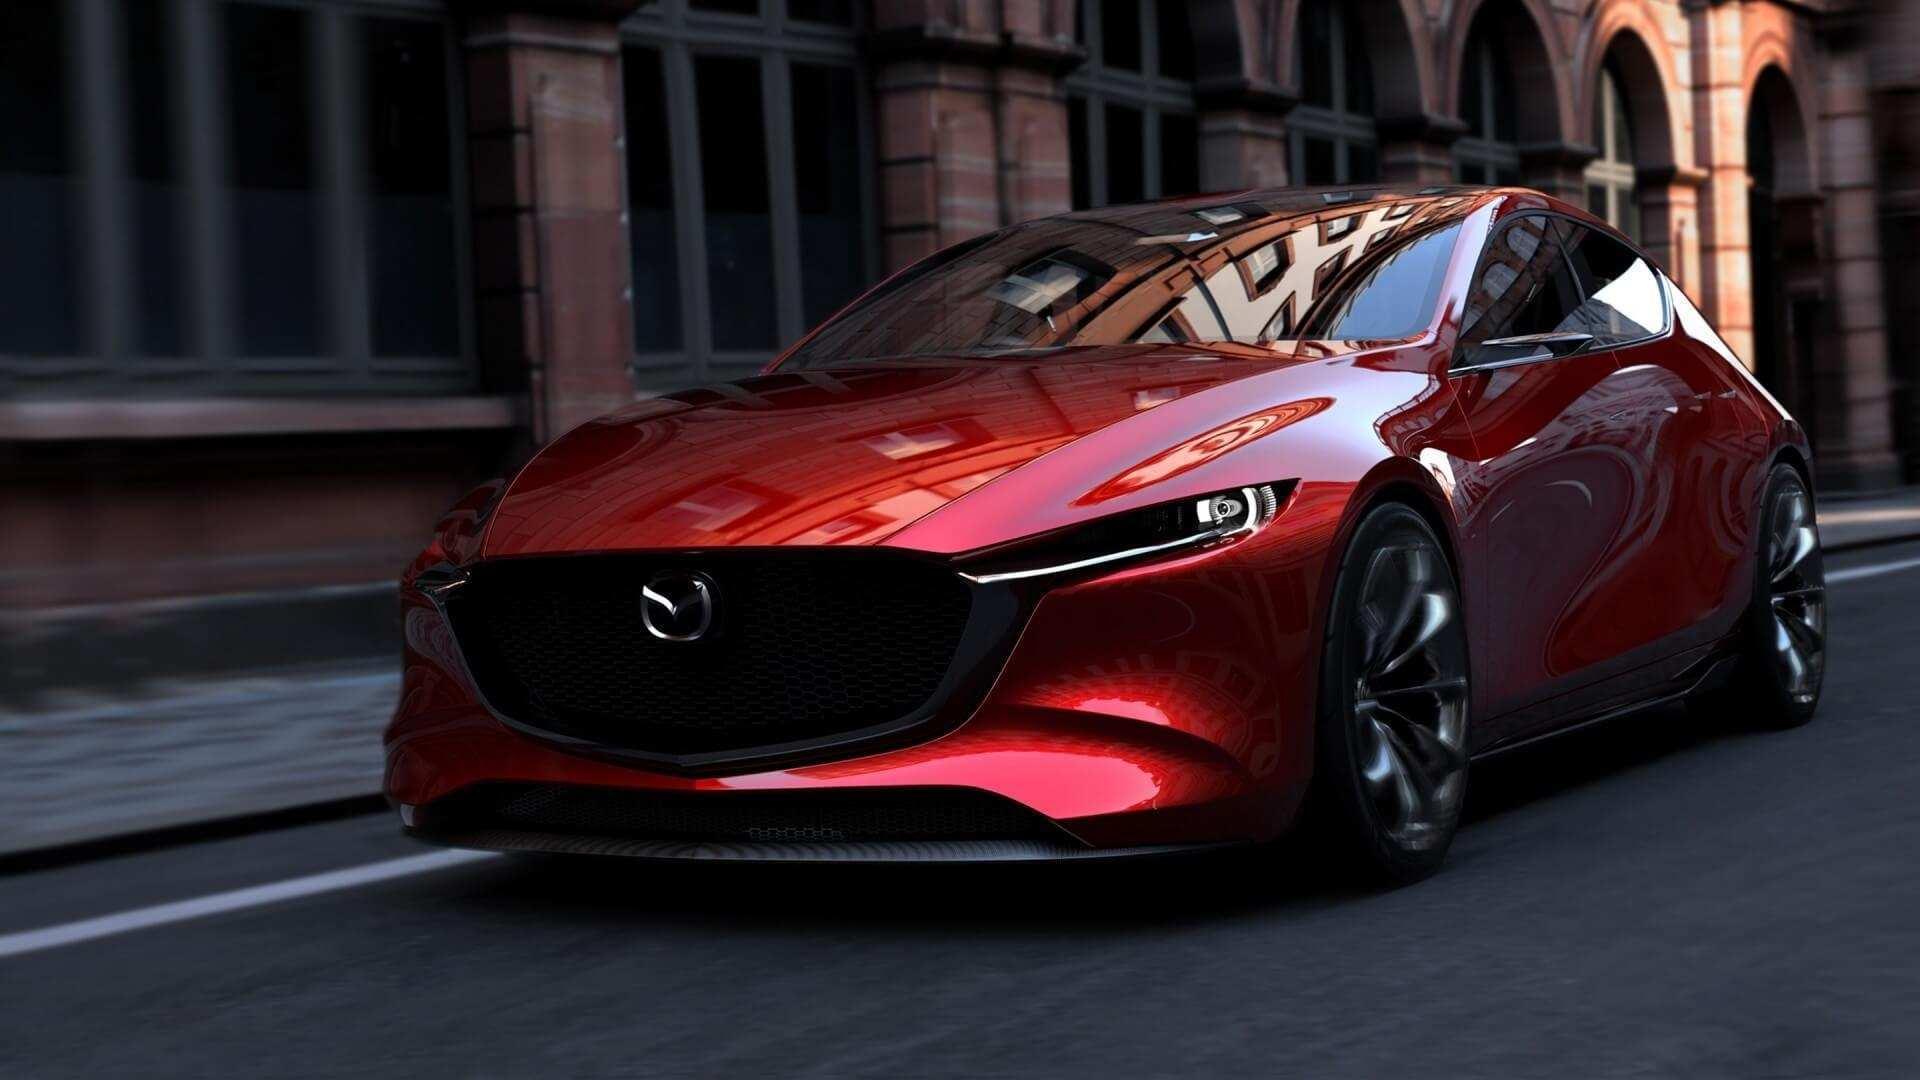 55 All New 2020 Mazda Mx 5 Miata Pricing with 2020 Mazda Mx 5 Miata